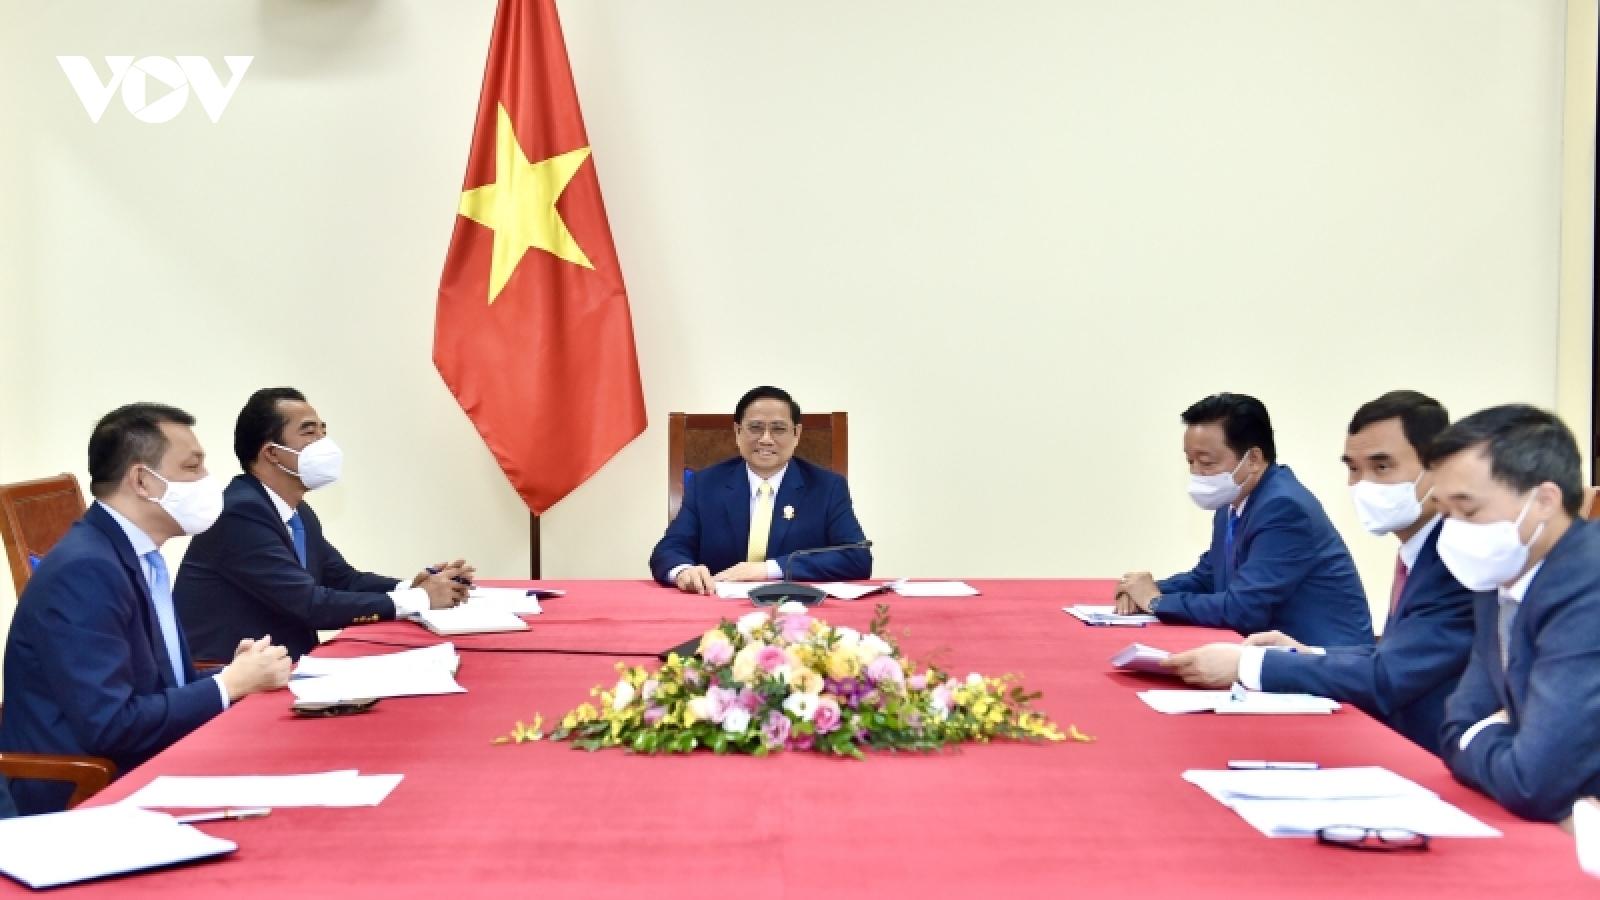 Thủ tướng Phạm Minh Chính điện đàm với Thủ tướng Liên hiệp Vương quốc Anh và BắcIreland